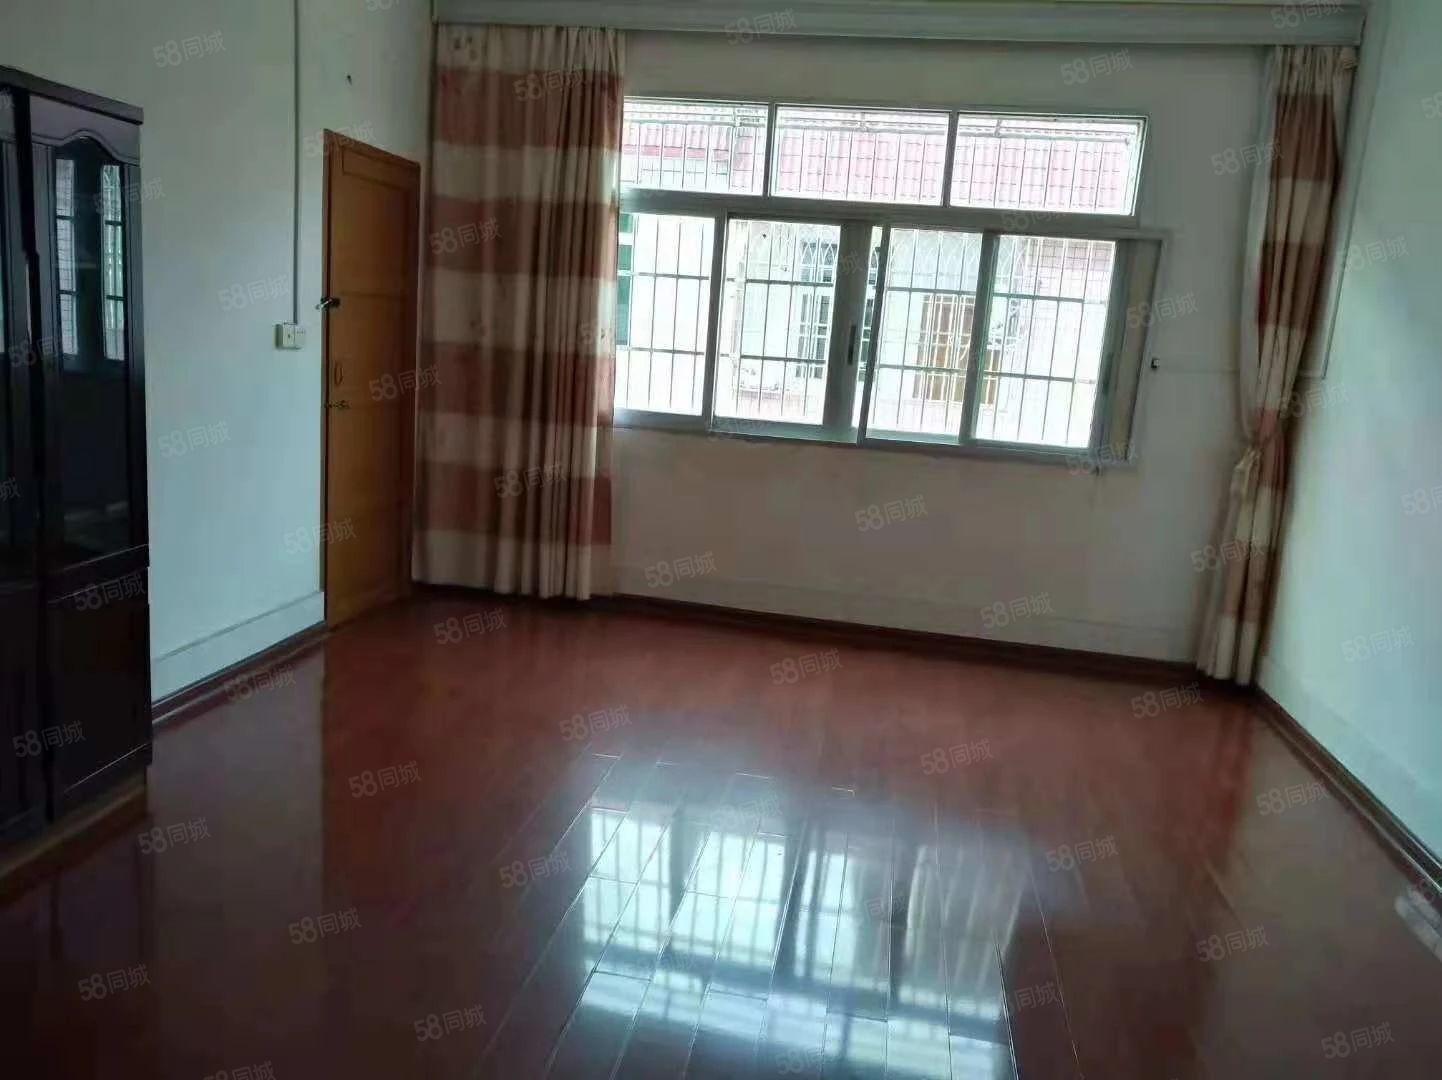 和平北路沿街栋房出售,含一车库可做店面,占地面积79建四层